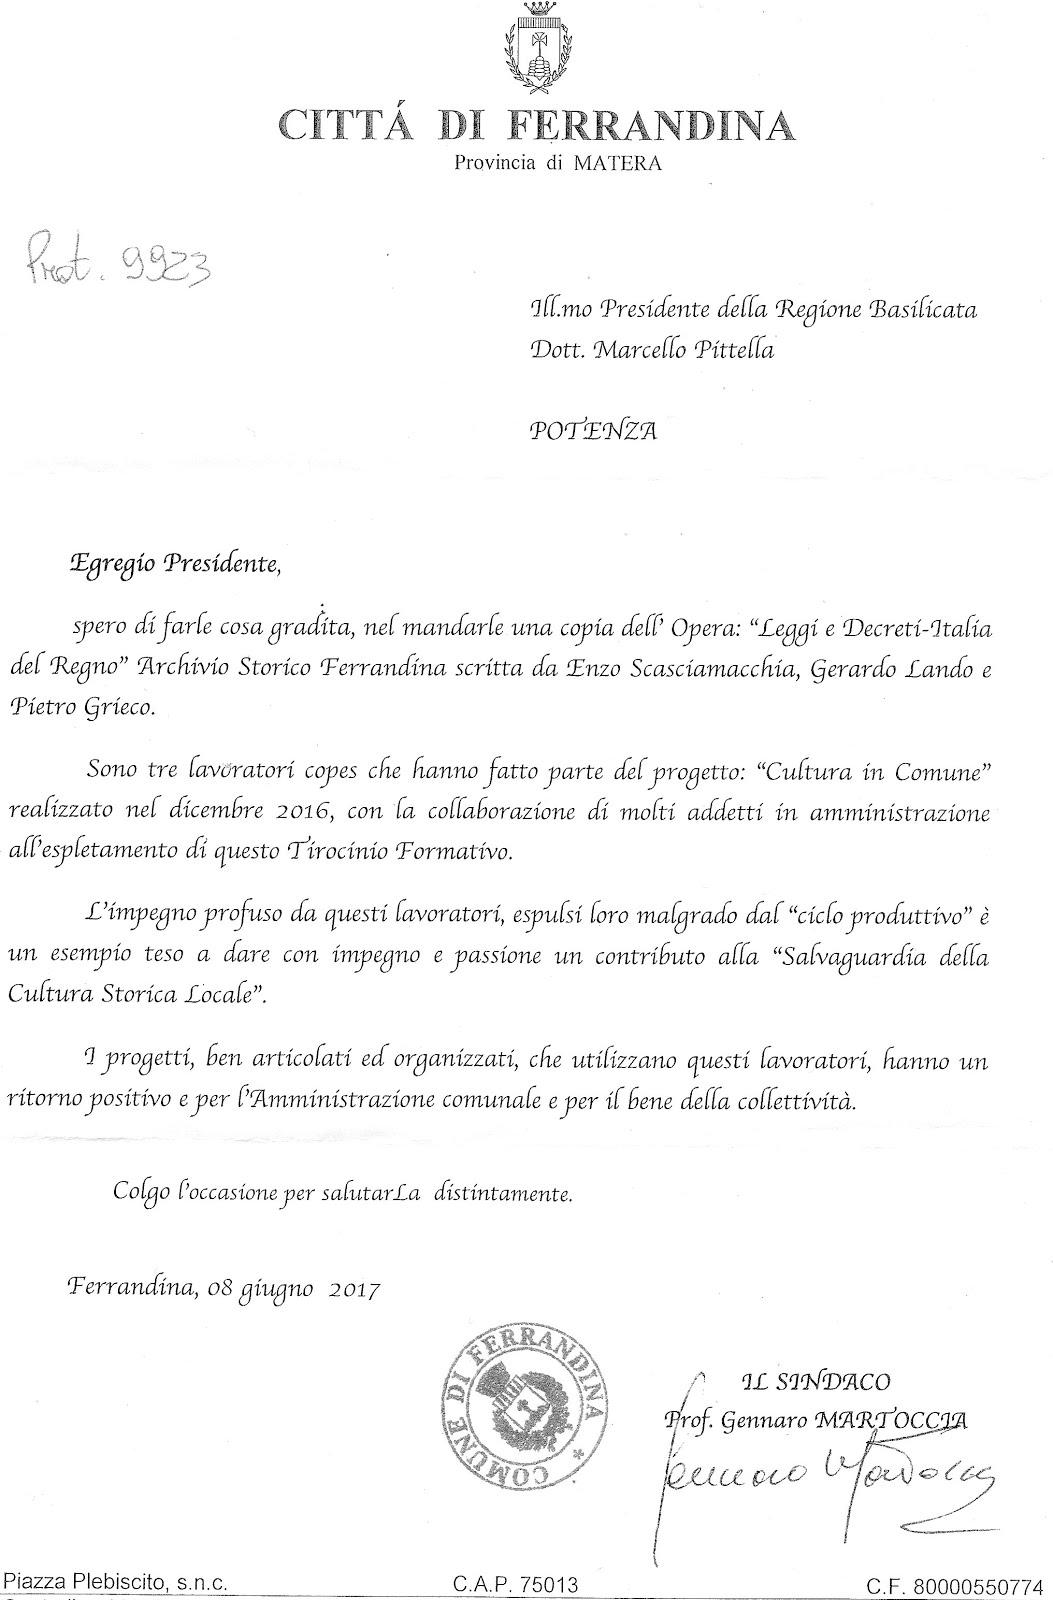 Lettera di presentazione al Presidente della Regione Basilicata Marcello Pittella